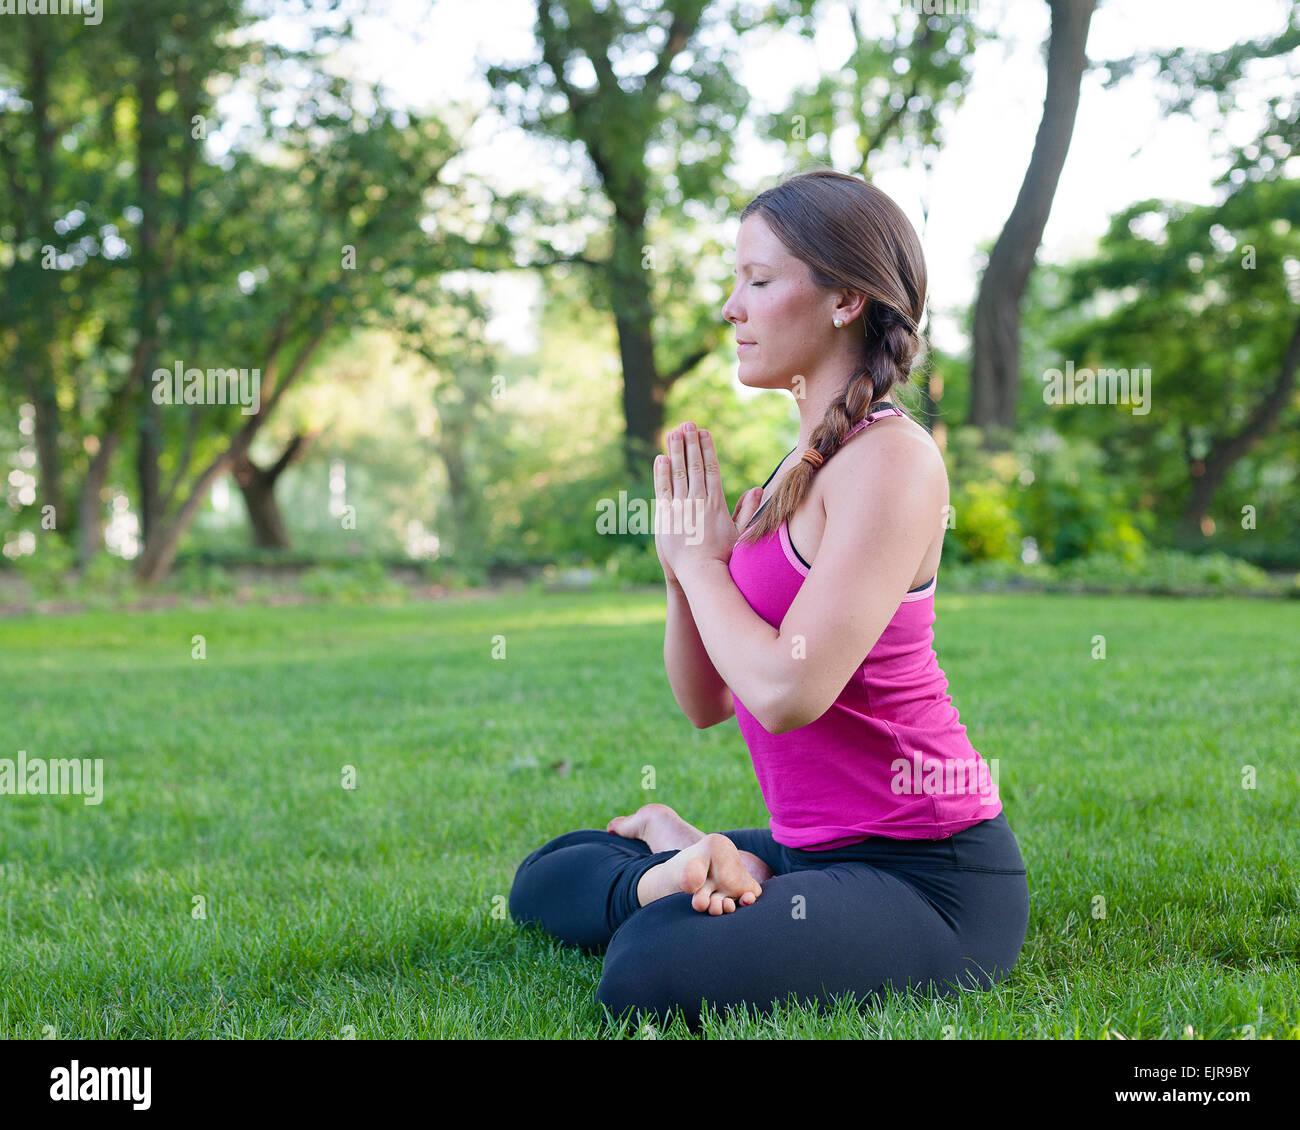 La donna caucasica meditando in posizione di parcheggio Immagini Stock